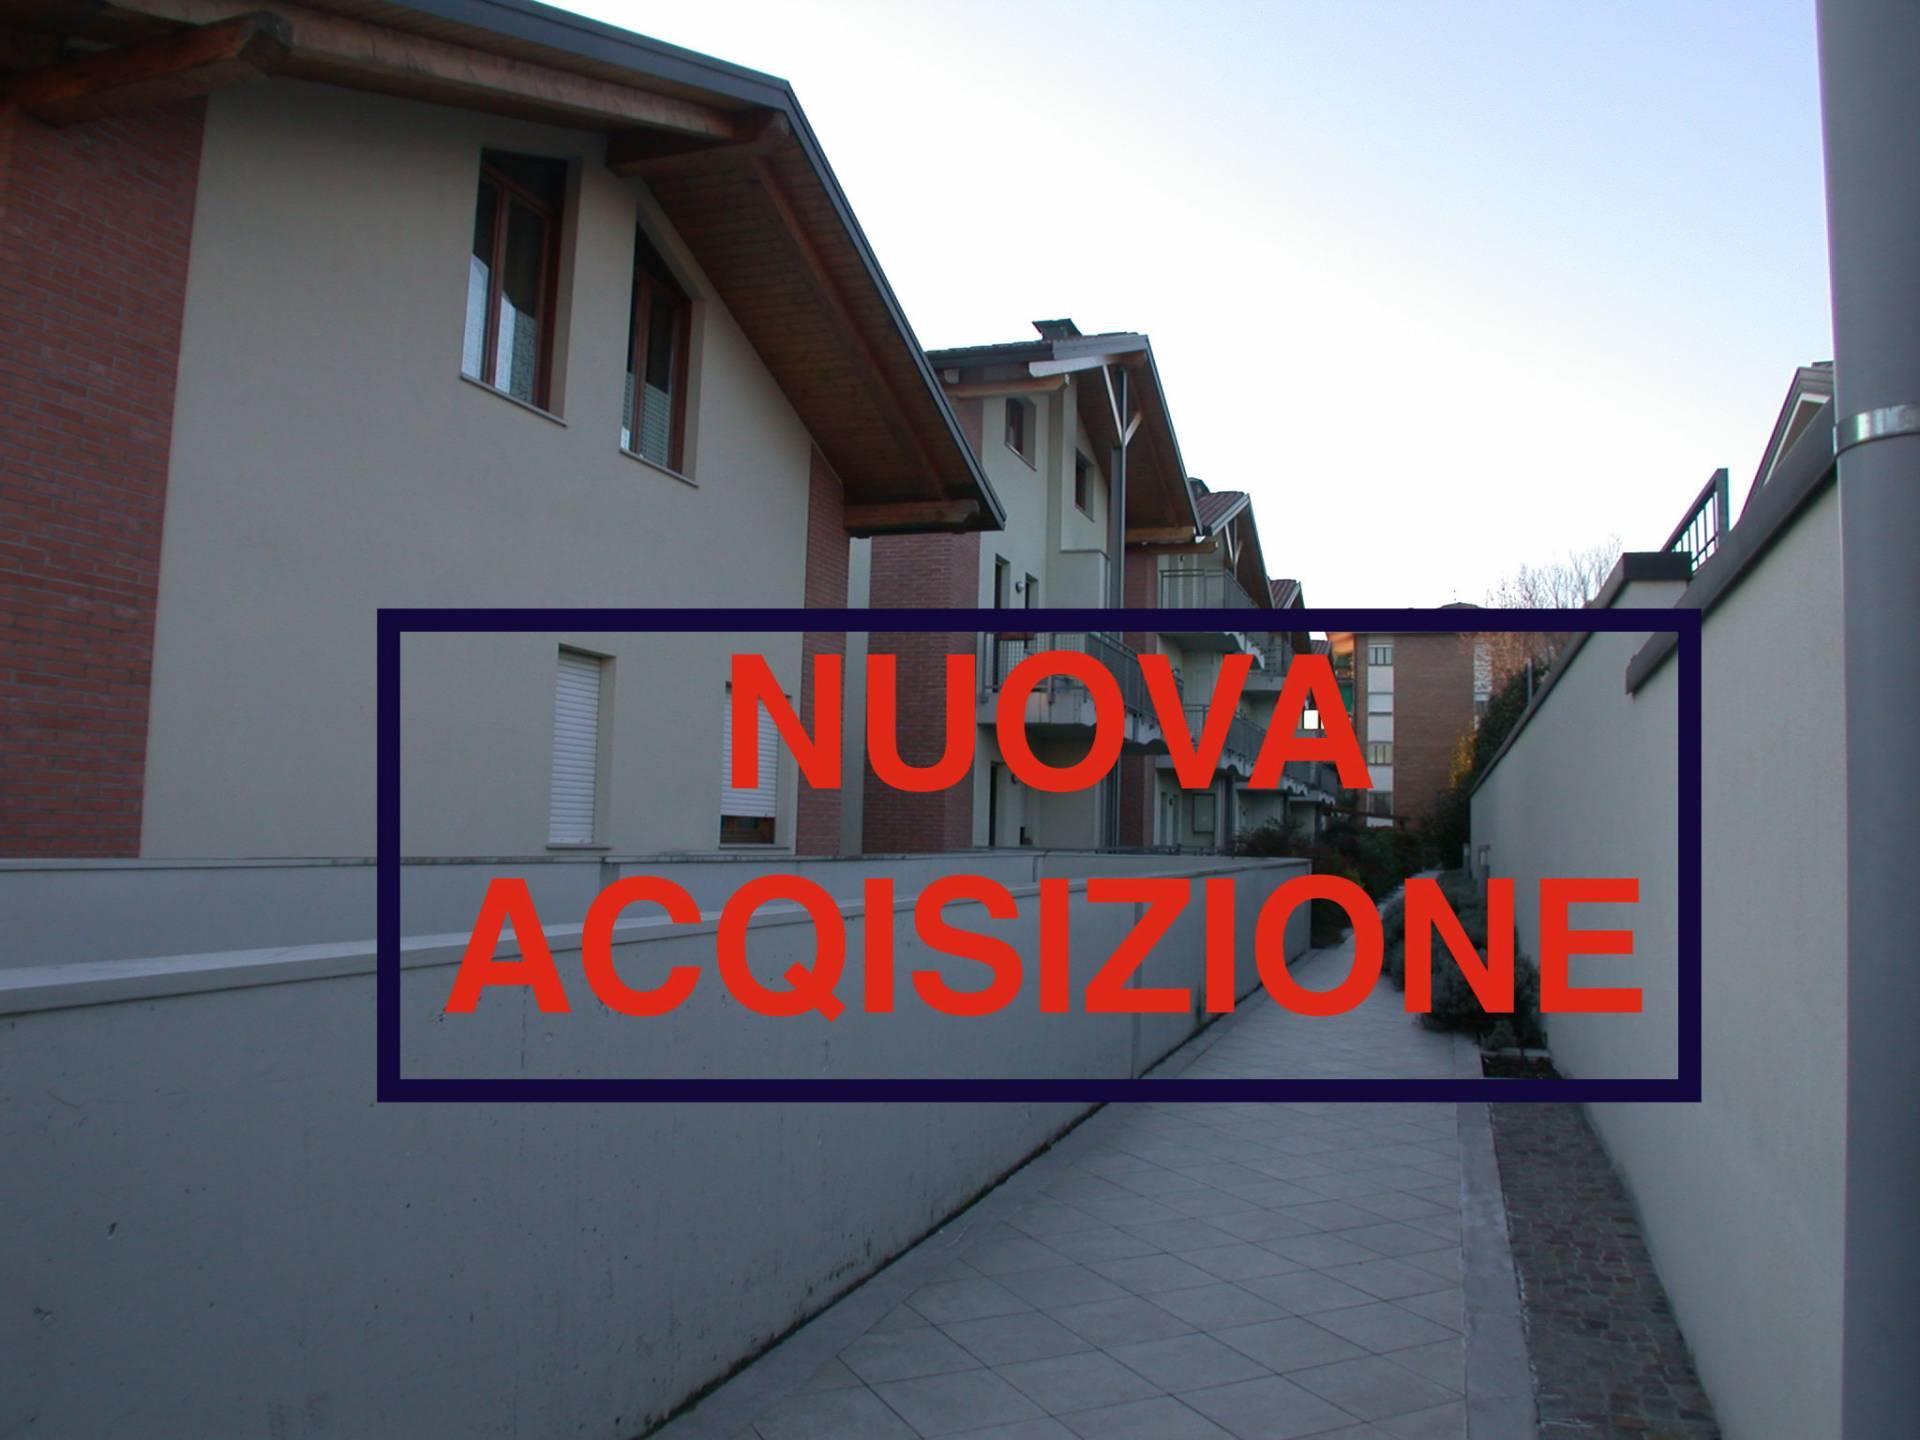 Appartamento in affitto a Gorizia, 3 locali, zona Località: S.Anna, prezzo € 370 | Cambio Casa.it